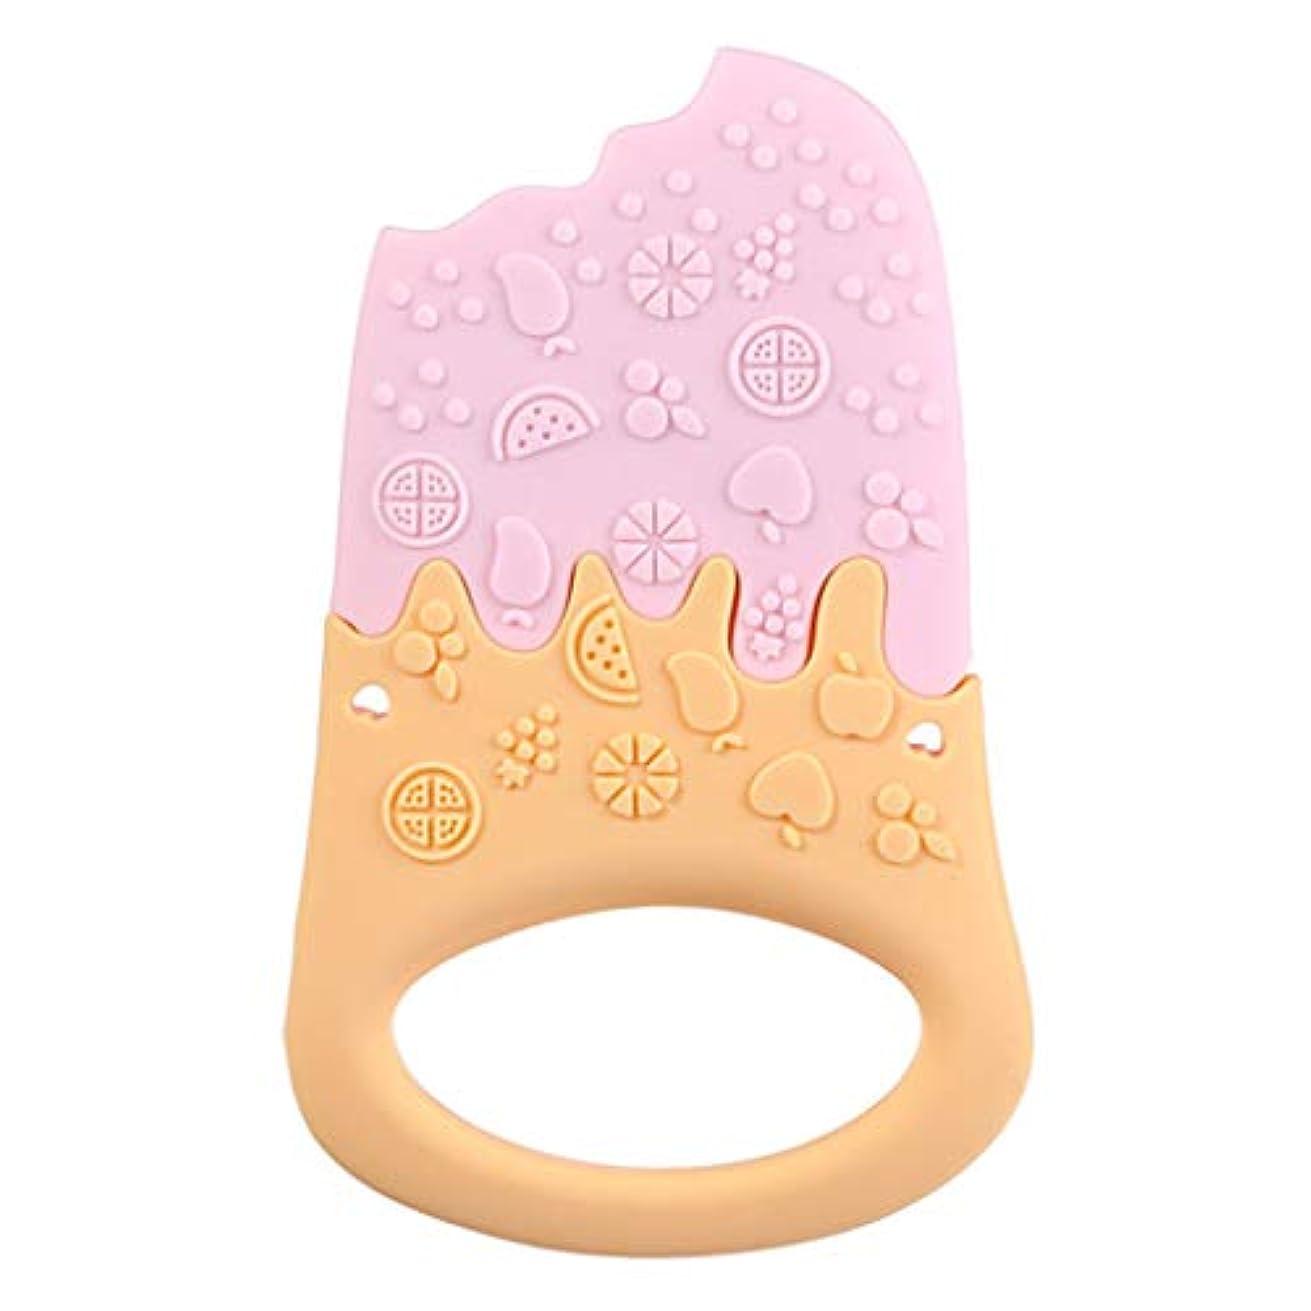 Landdumシリコーンティーザーアイスクリームティーザー赤ちゃん看護玩具かむ玩具歯が生えるガラガラおもちゃ - 青